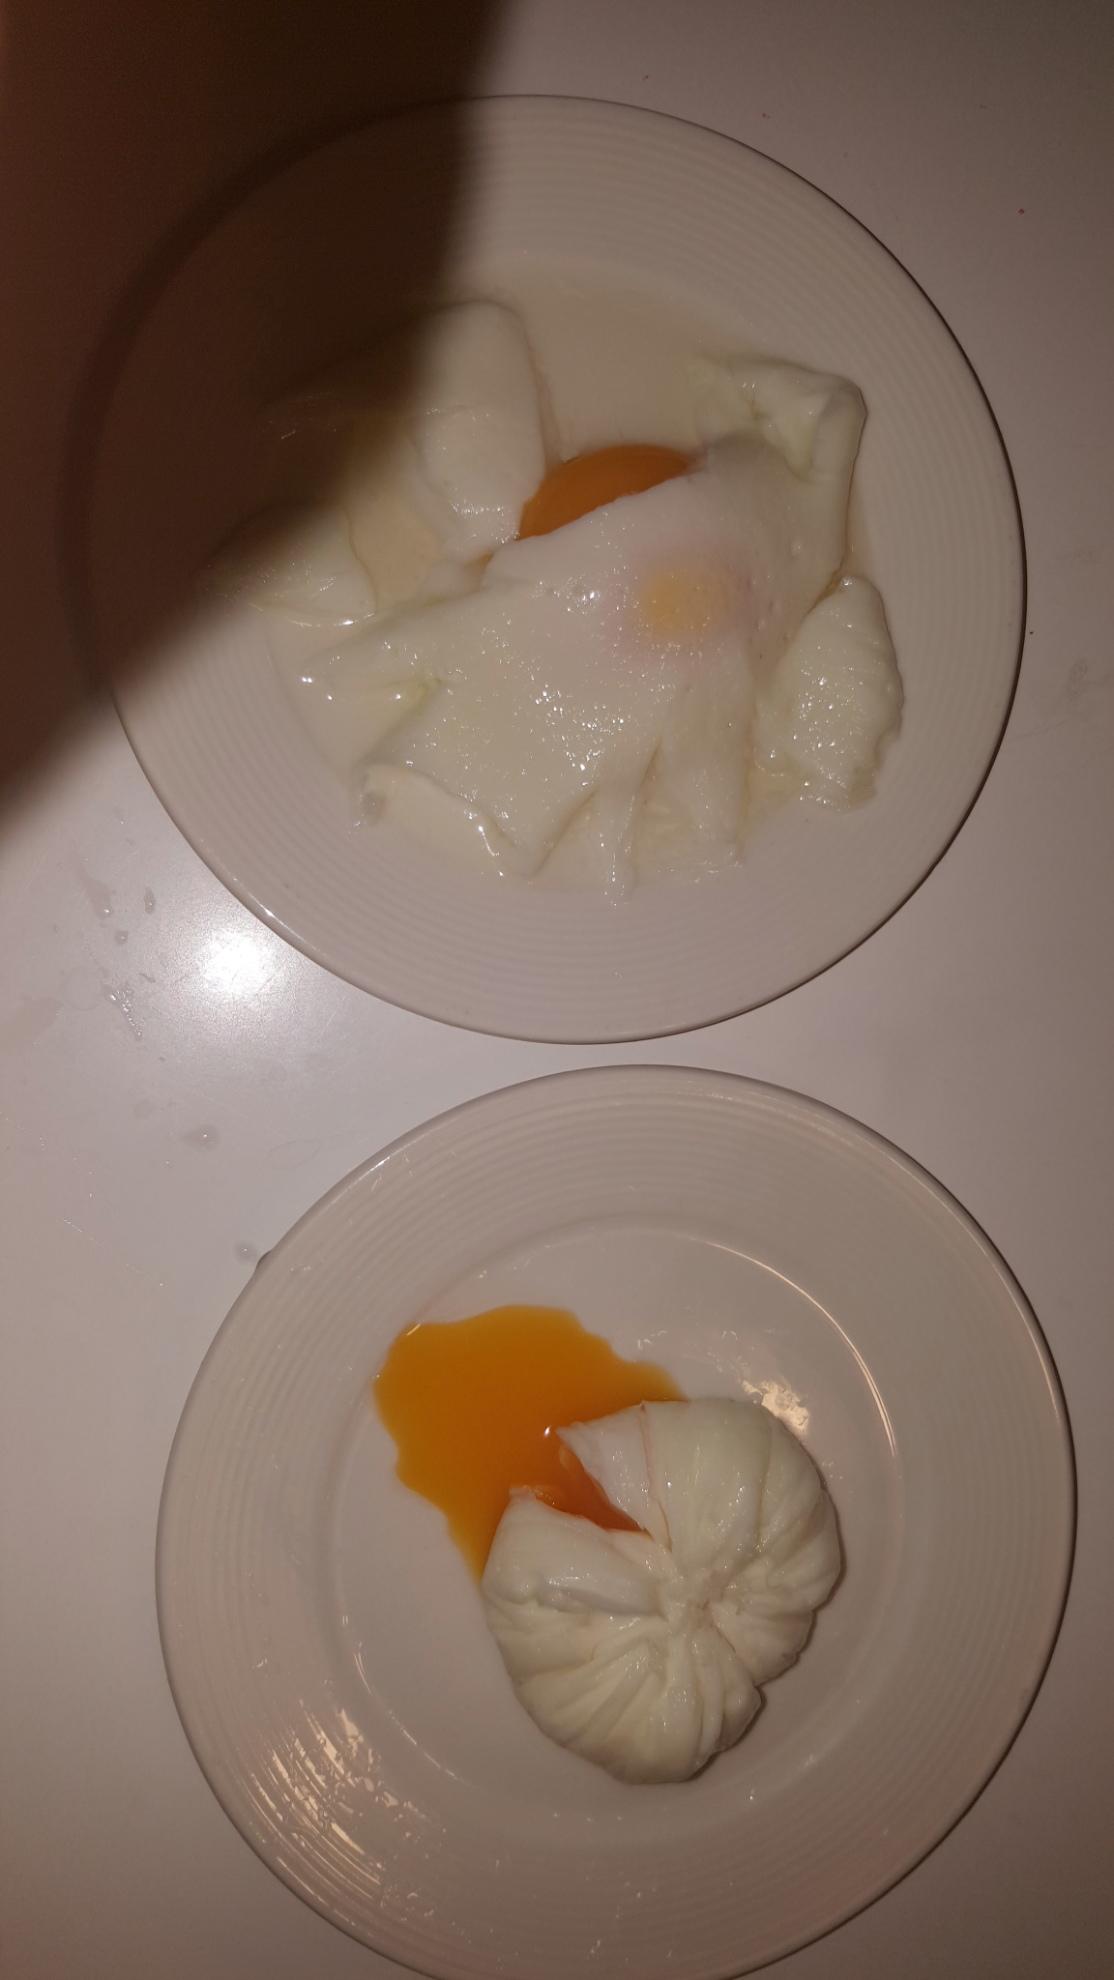 Пашот яйцо в пленке рецепт пошагово